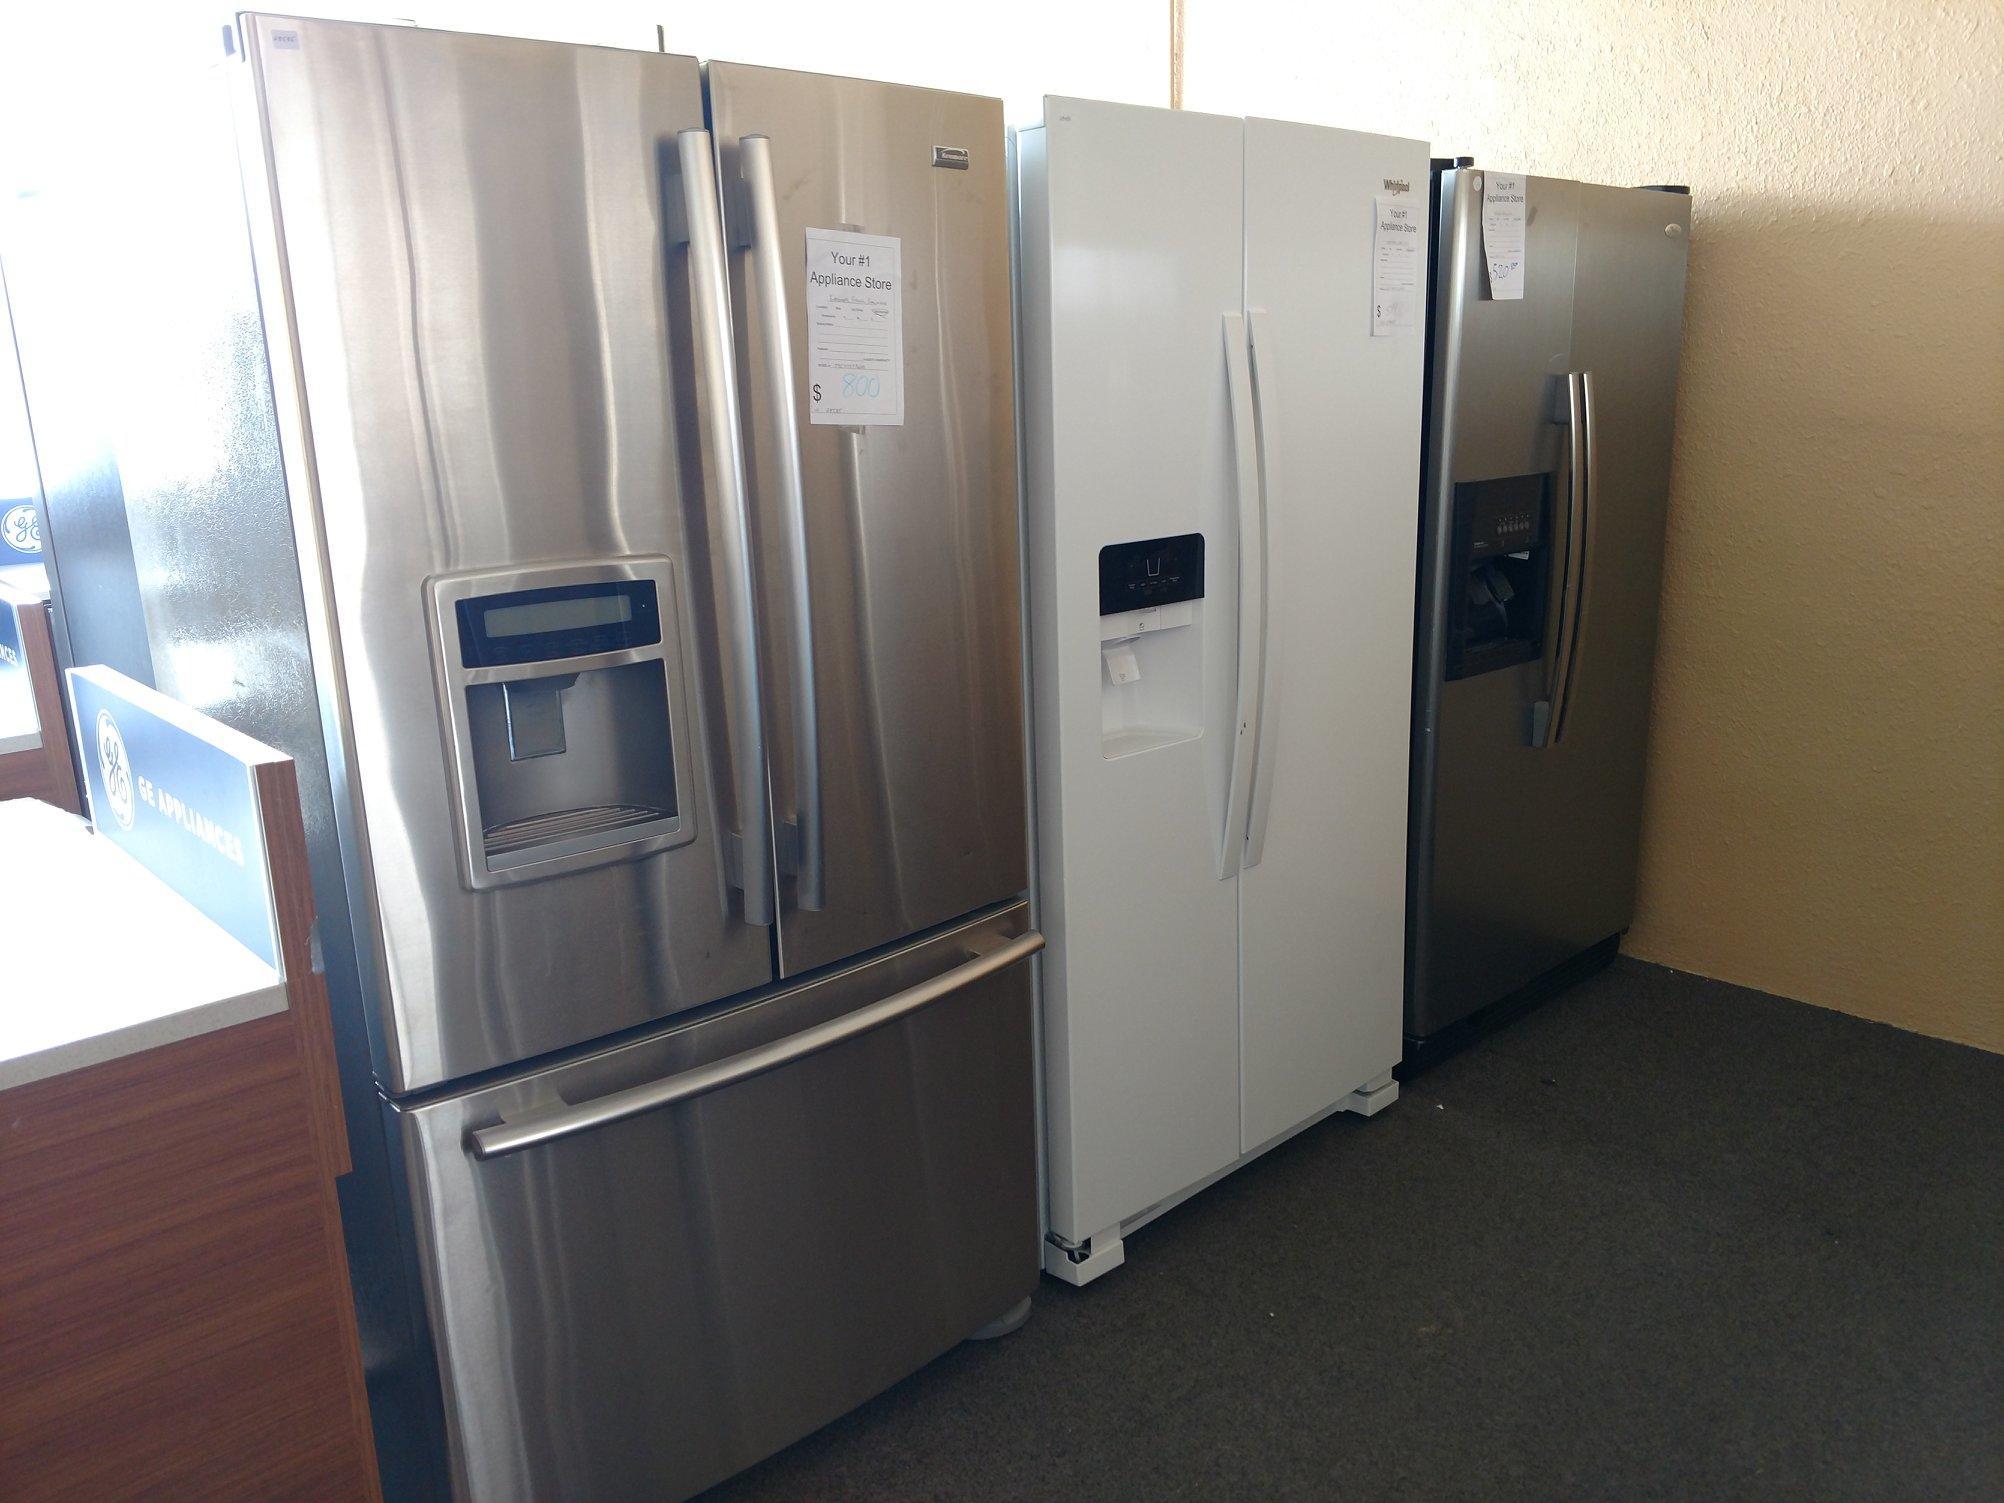 Becker Appliance